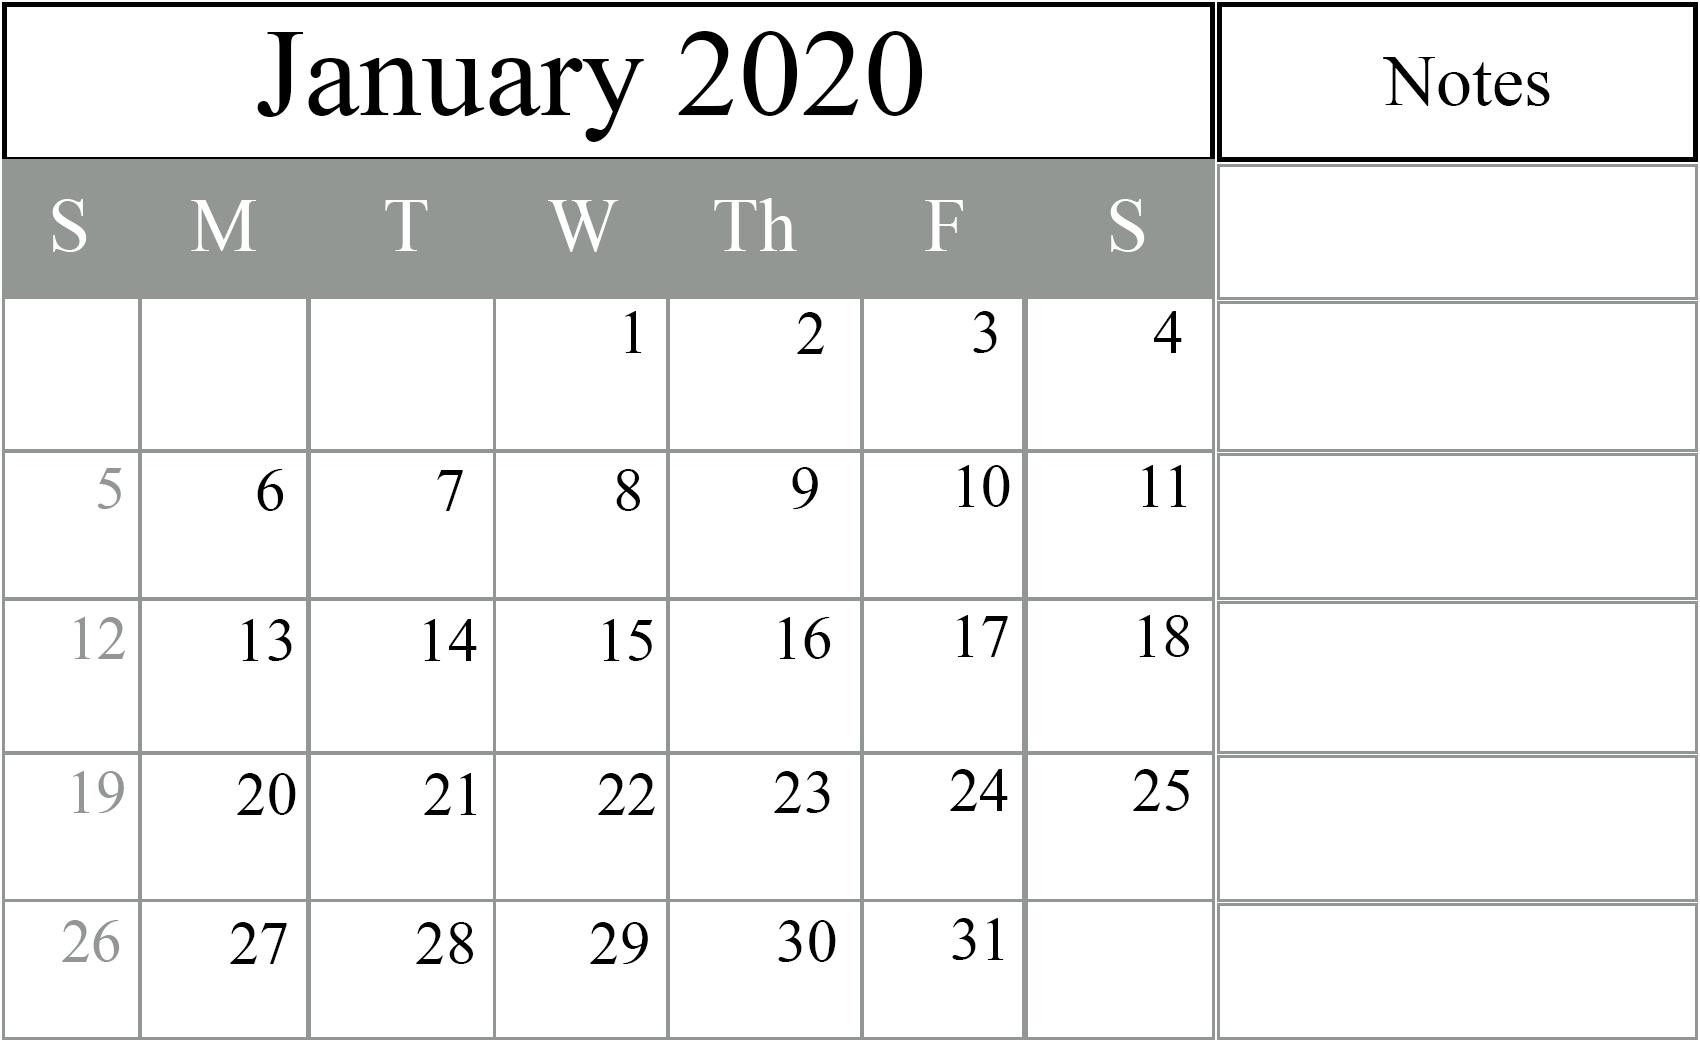 January 2020 Editable Calendar with Notes